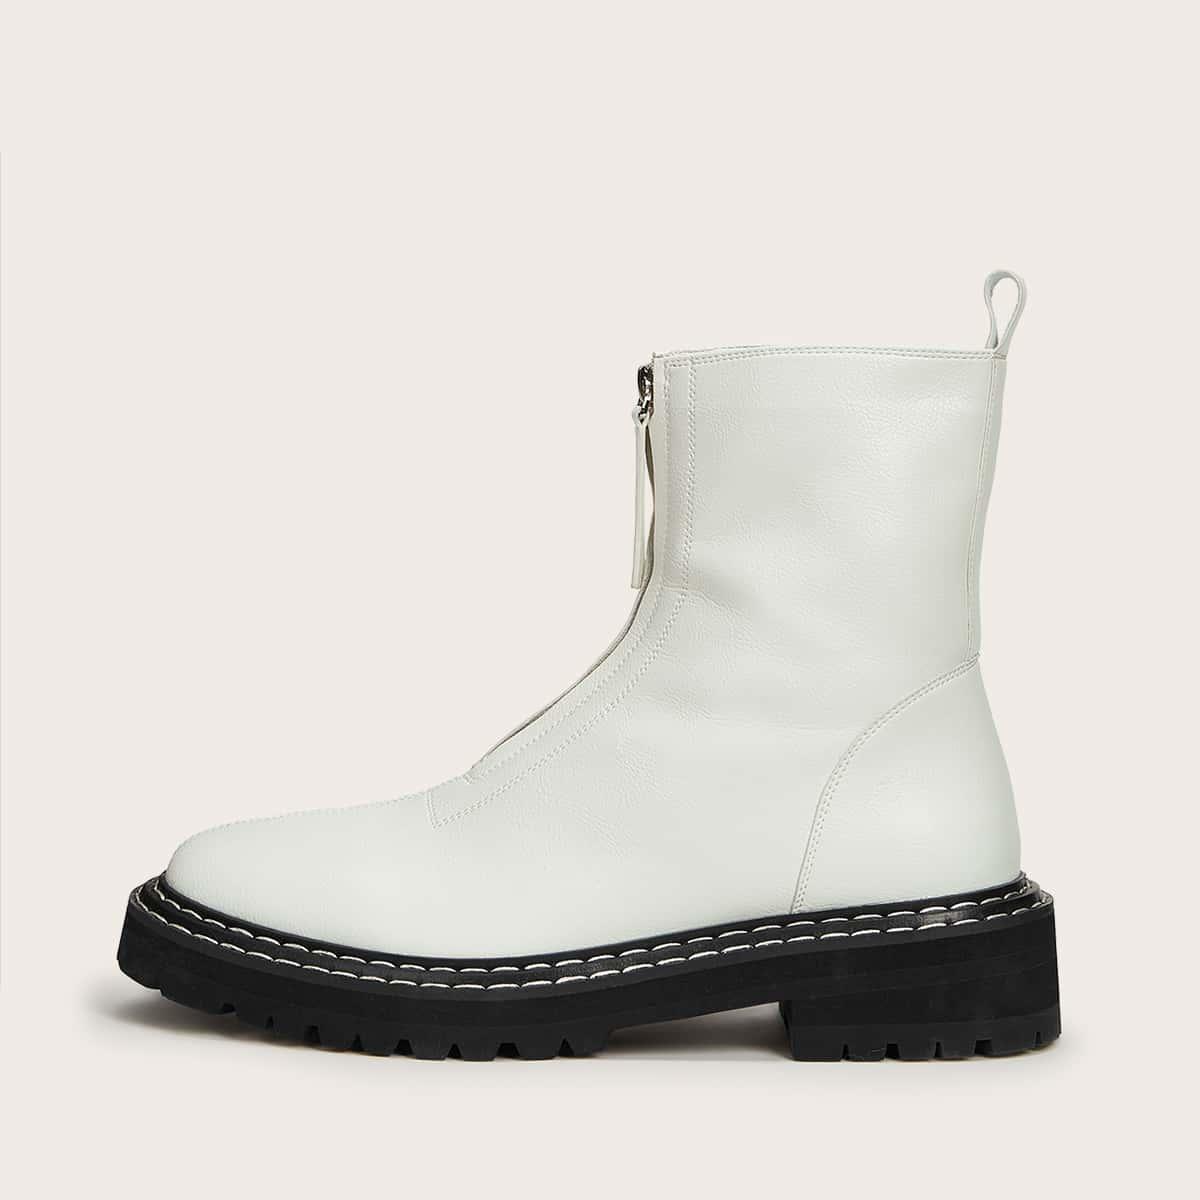 SHEIN / Minimalistische Stiefel mit Reißverschluss vorne